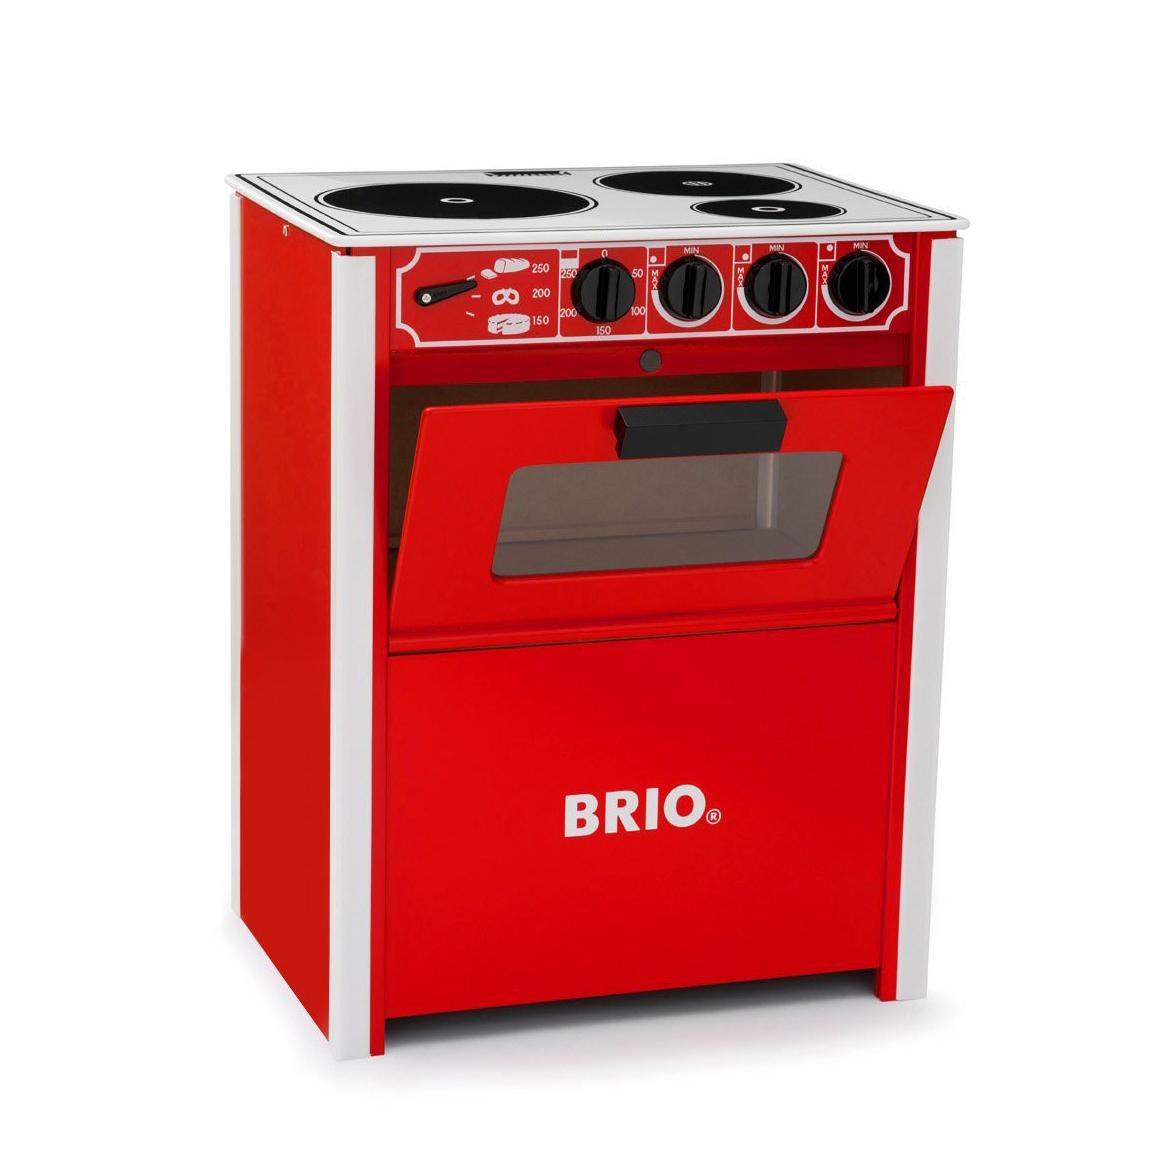 cuisini re rouge brio pour chambre enfant les enfants On cuisiniere design